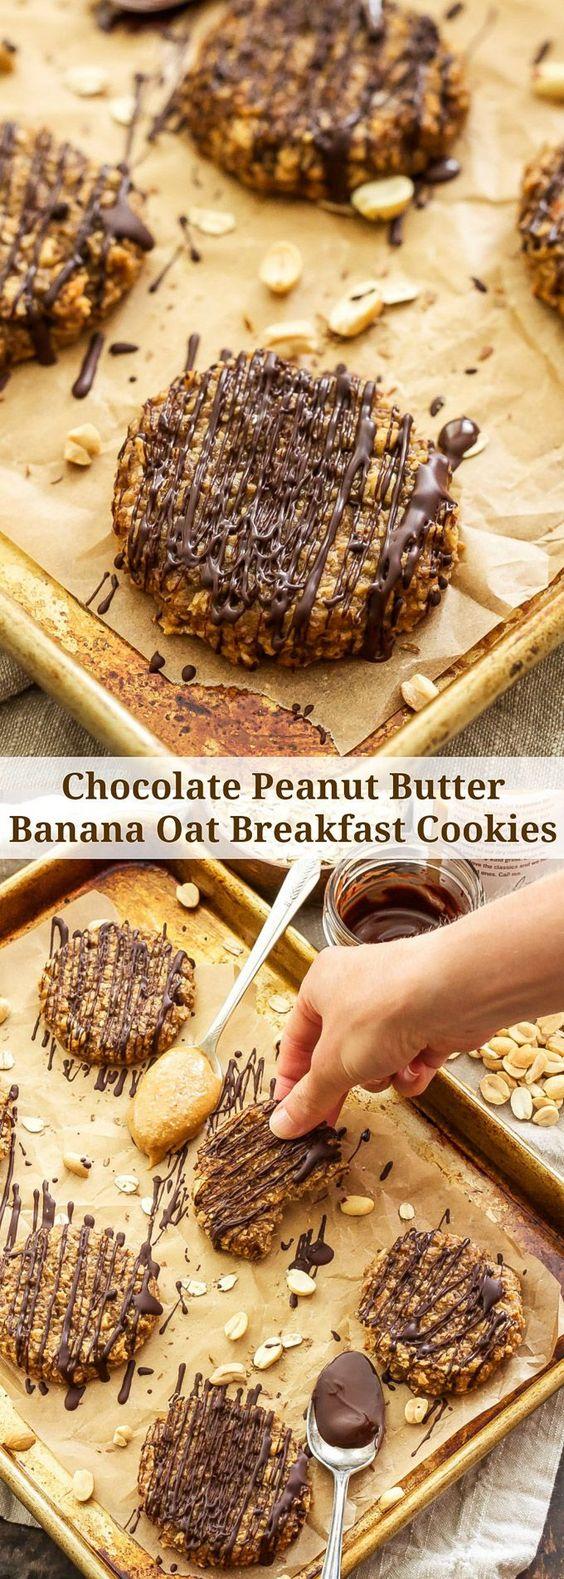 oats breakfast cookies peanut butter banana chocolate peanut butter ...